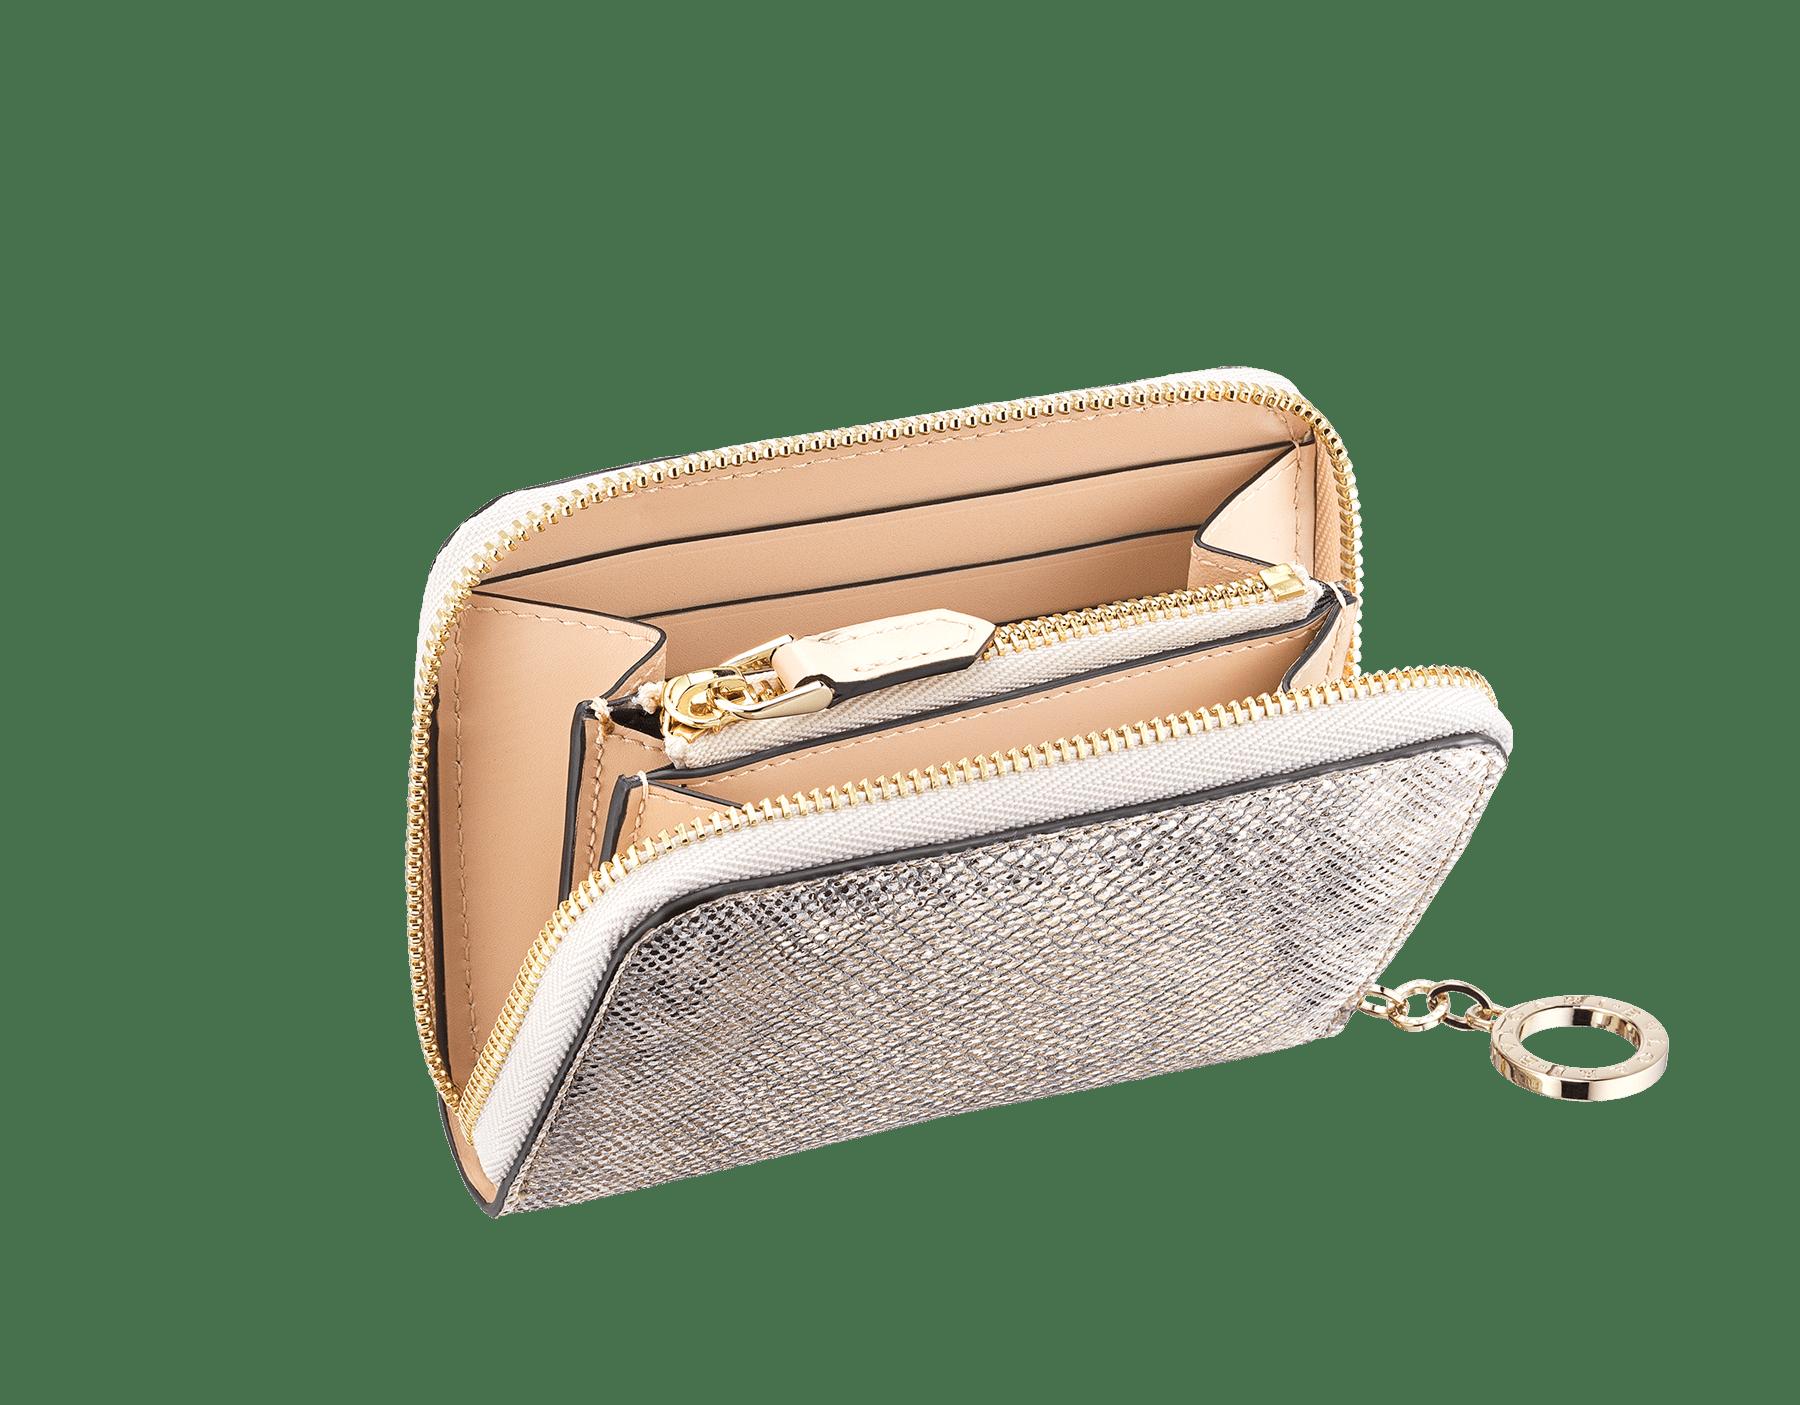 """Mini portafoglio con cerniera """"BVLGARI BVLGARI"""" in karung metallizzato e vitello beige Milky Opal. Iconico tiretto con logo in ottone placcato oro chiaro. 579-WLTMINIZIP image 2"""